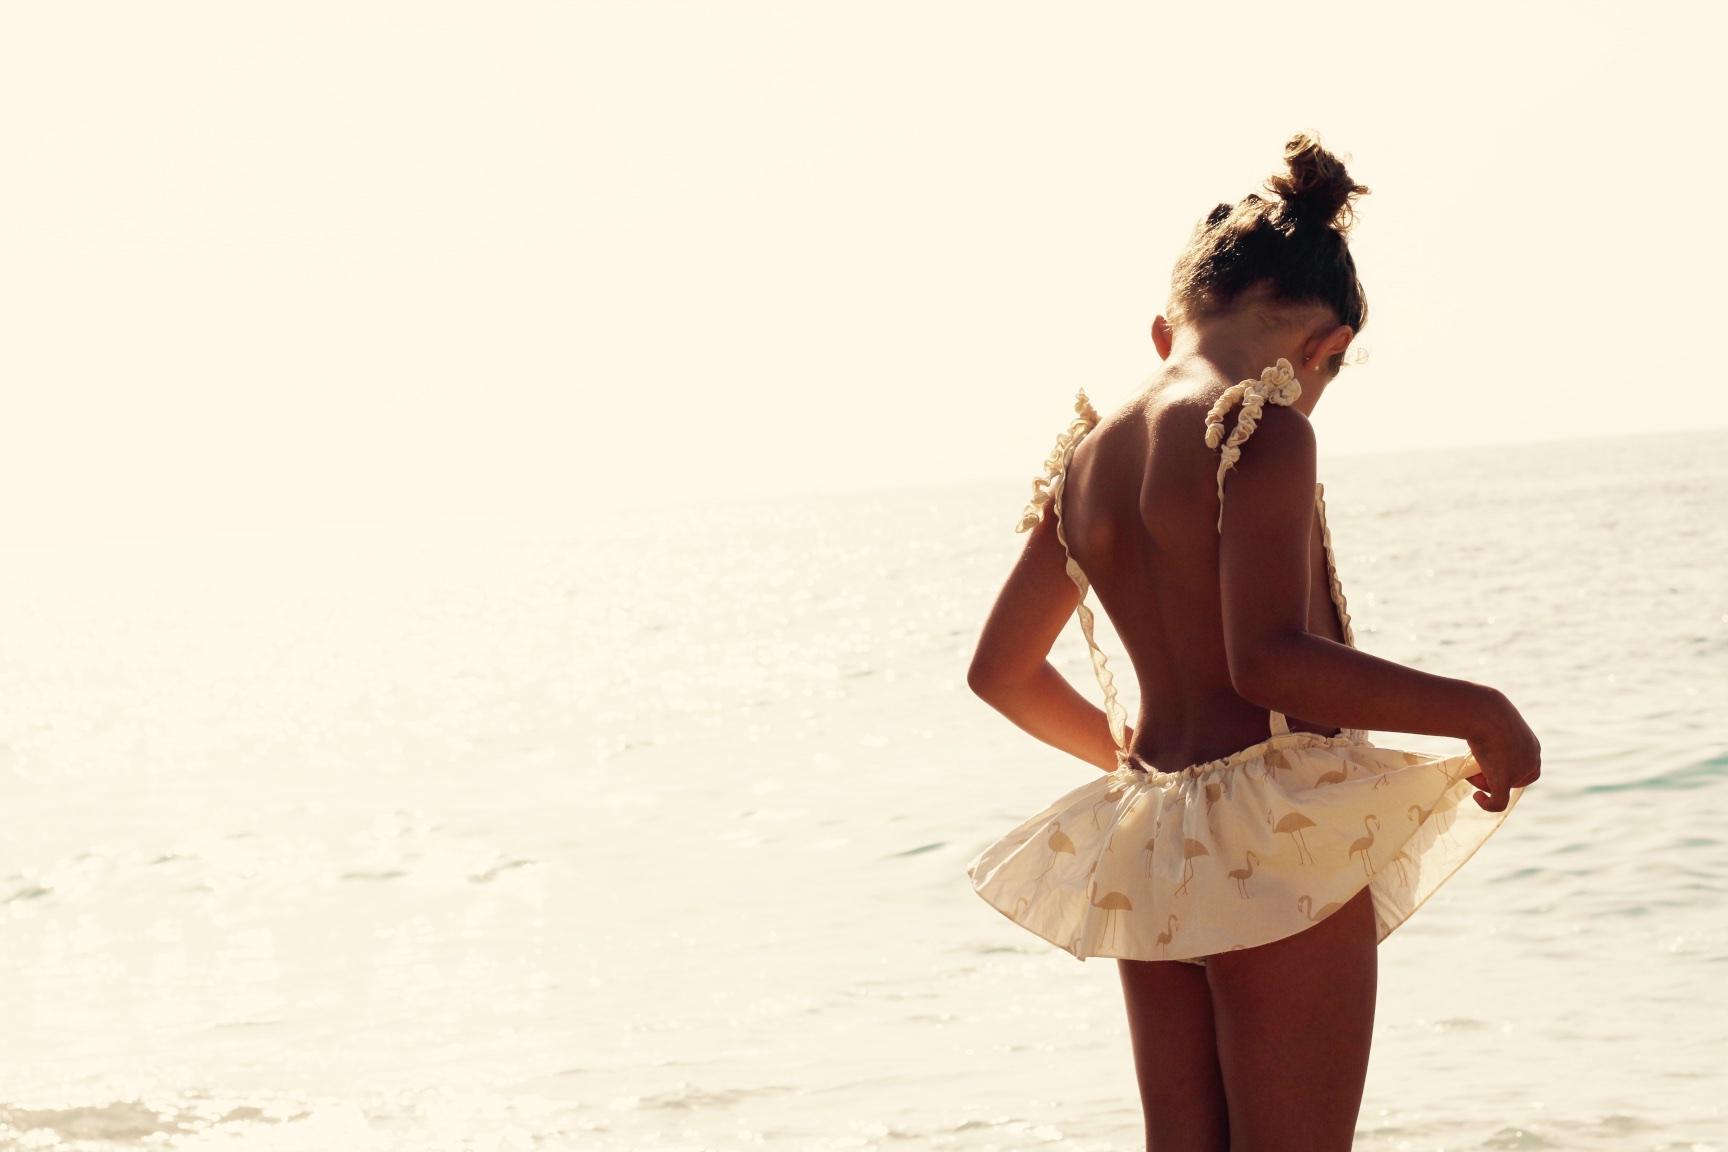 omini-ministyle-miniblogger-girl-kids-swimsuit-descalzaporelparque